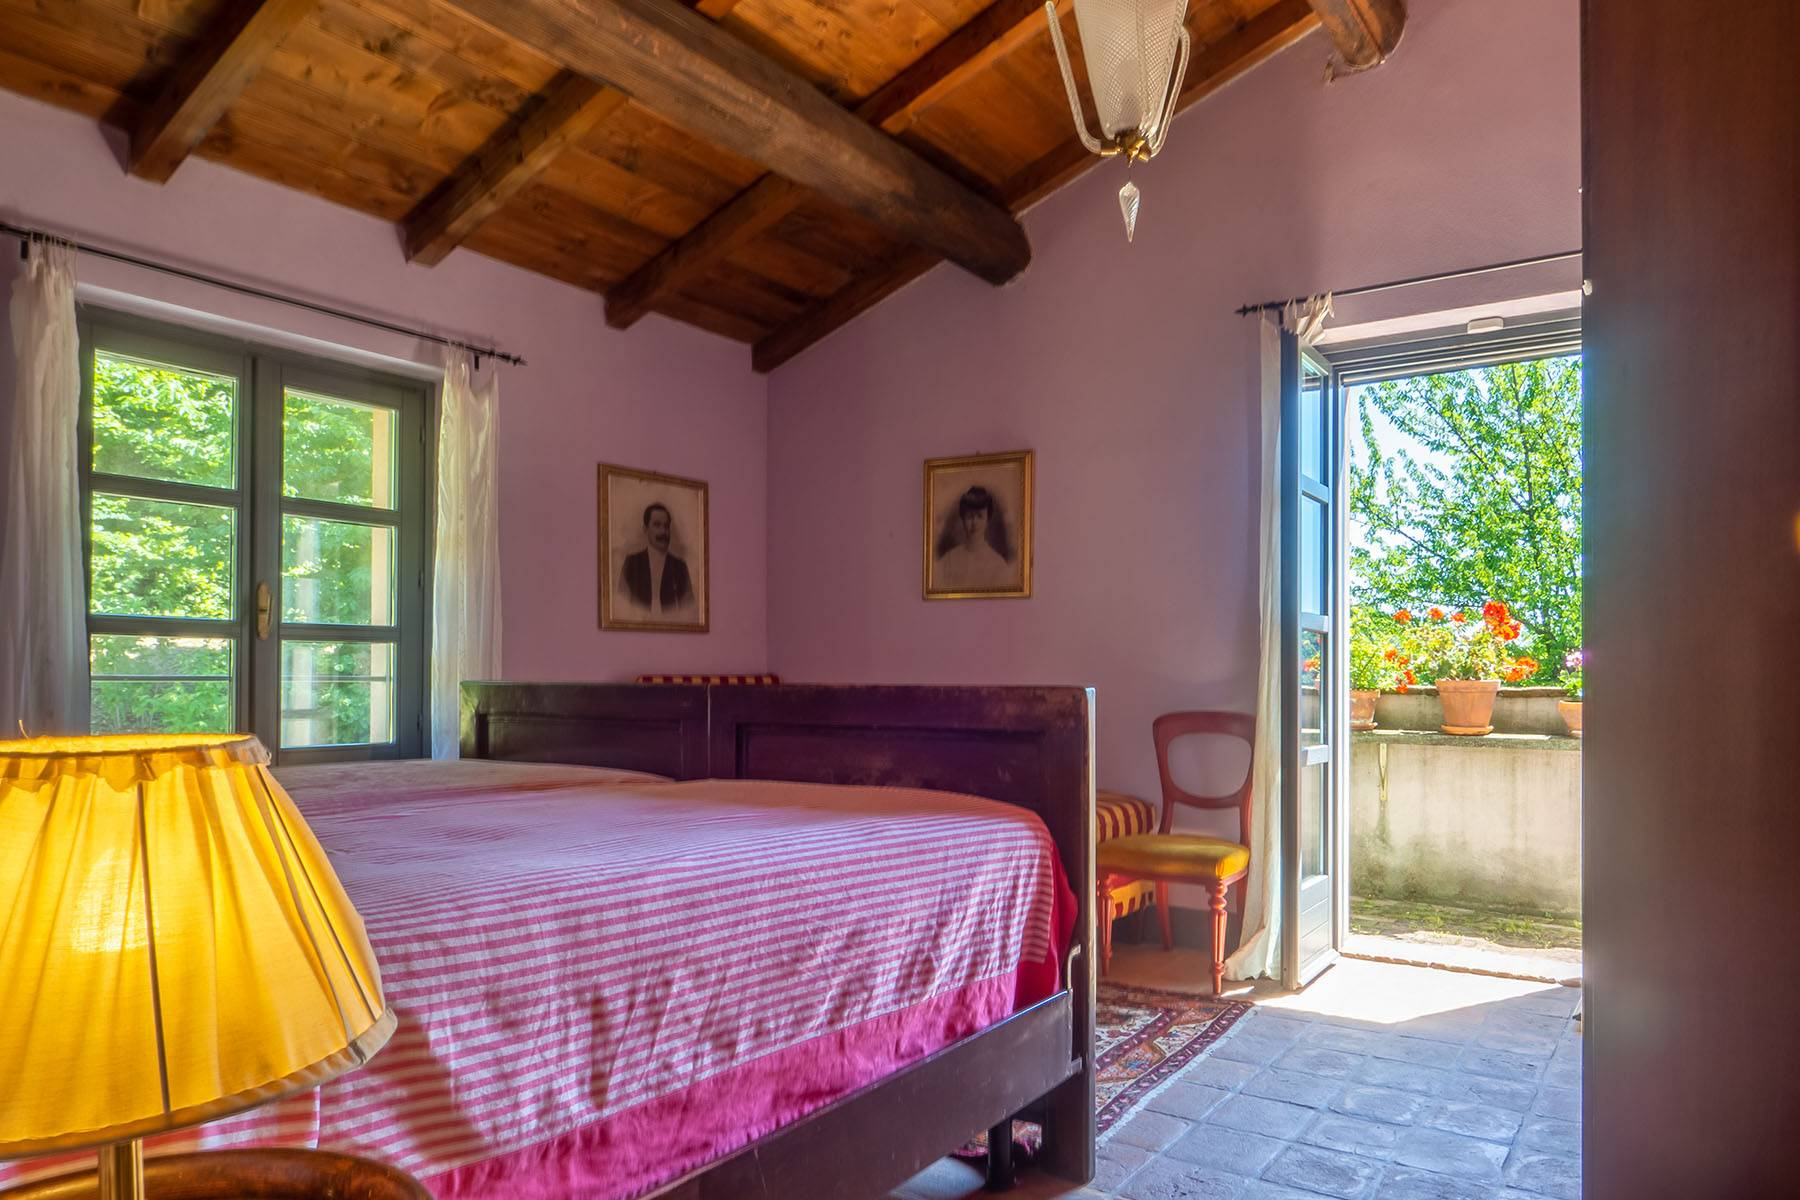 Rustico in Vendita a Ponzano Monferrato: 5 locali, 560 mq - Foto 21